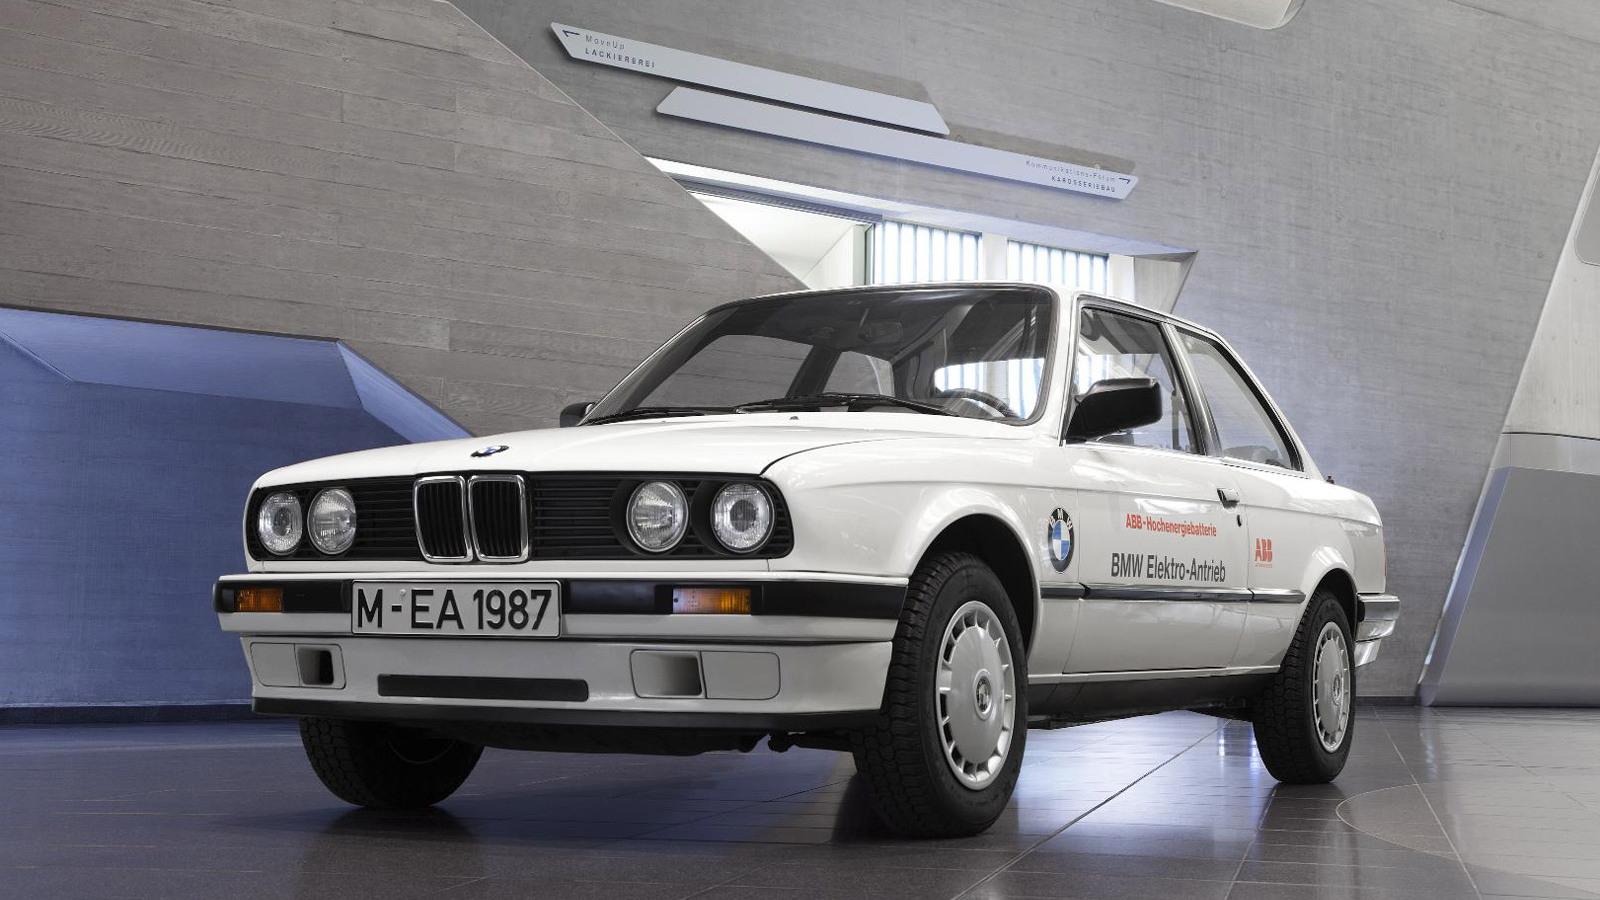 1987 BMW 325iX Electric